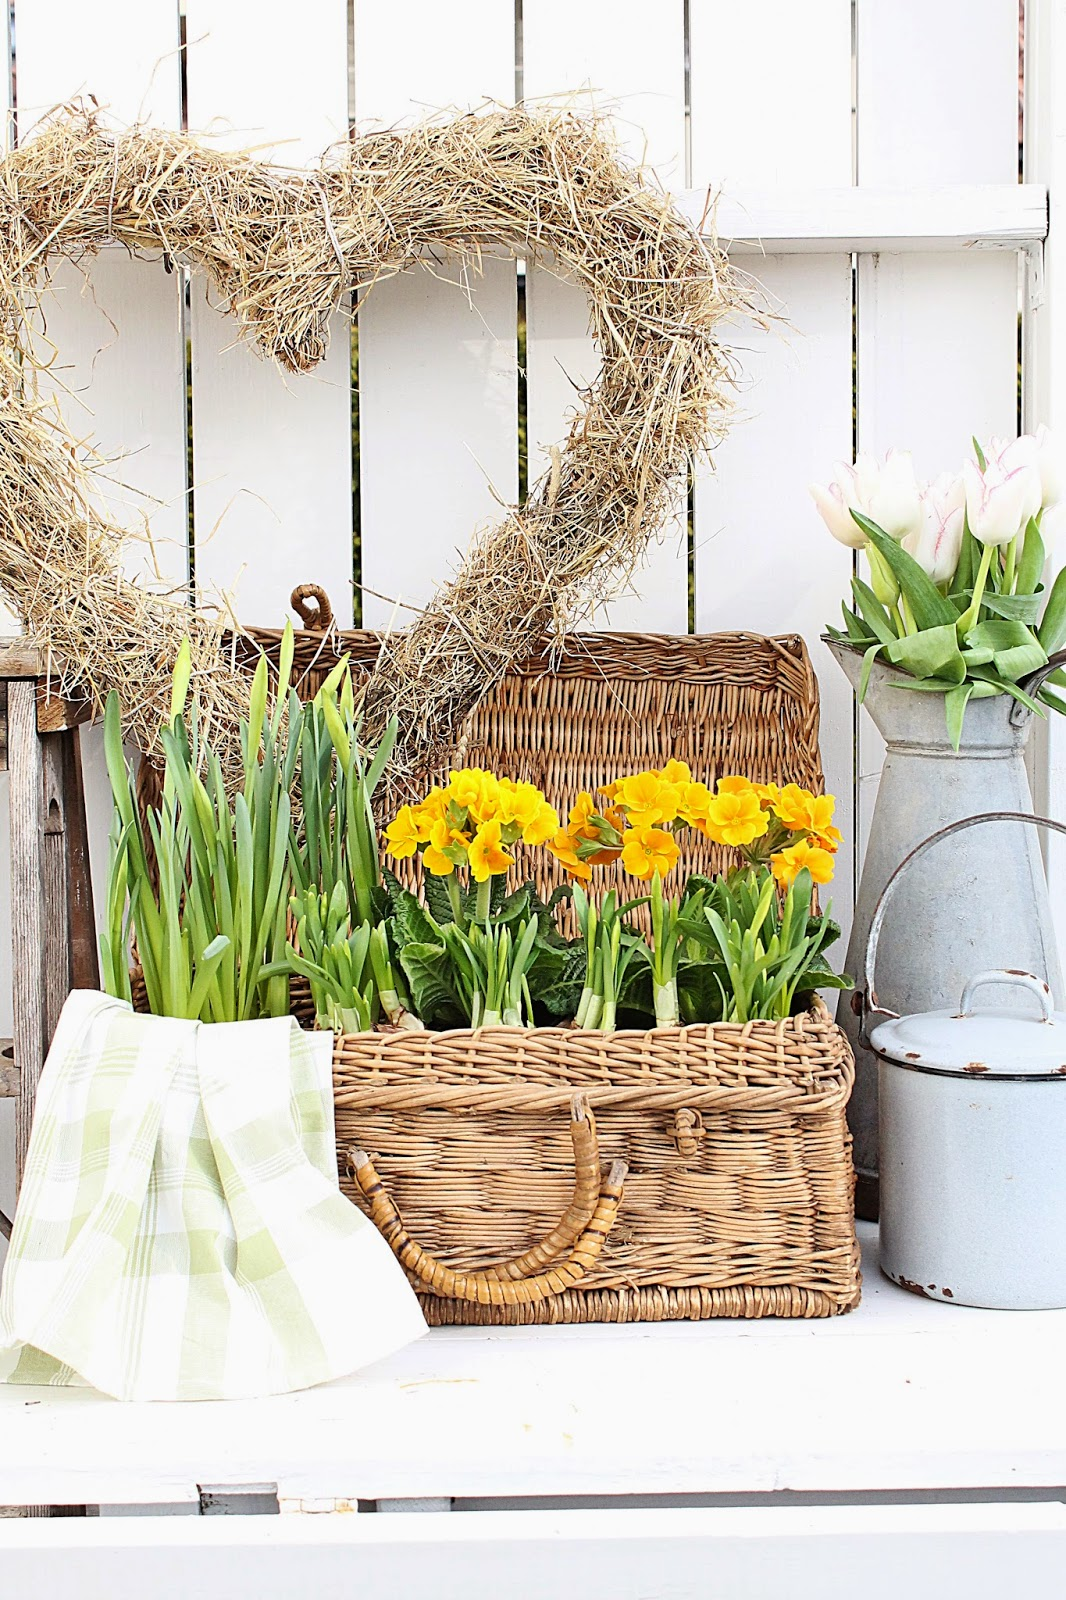 dekor/vesennie-cvety-k-pashe-foto-22.jpg